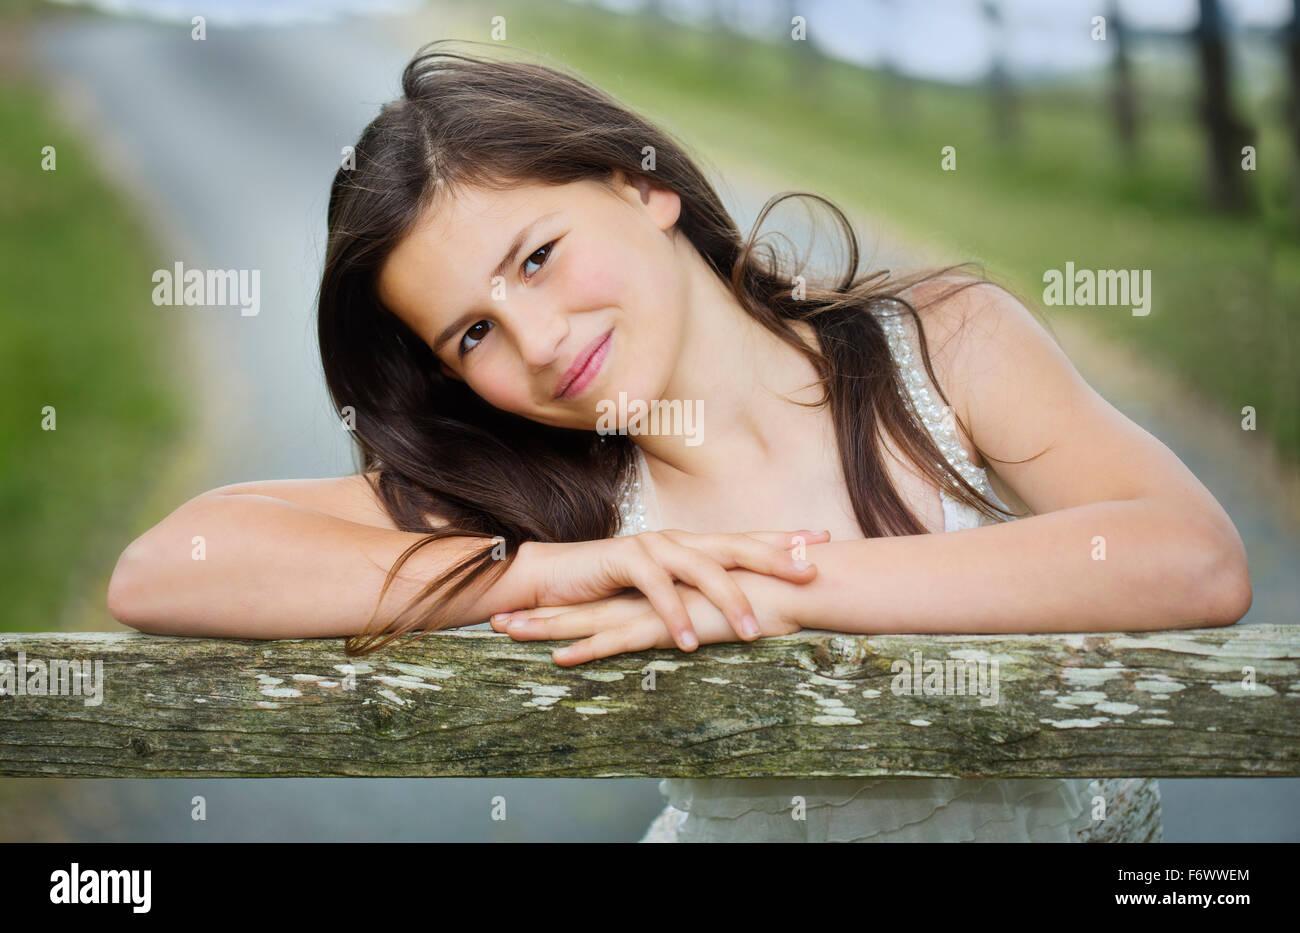 Une Belle Jeune Fille De La Campagne S Appuyant Sur Une Ferme Photo Stock Alamy